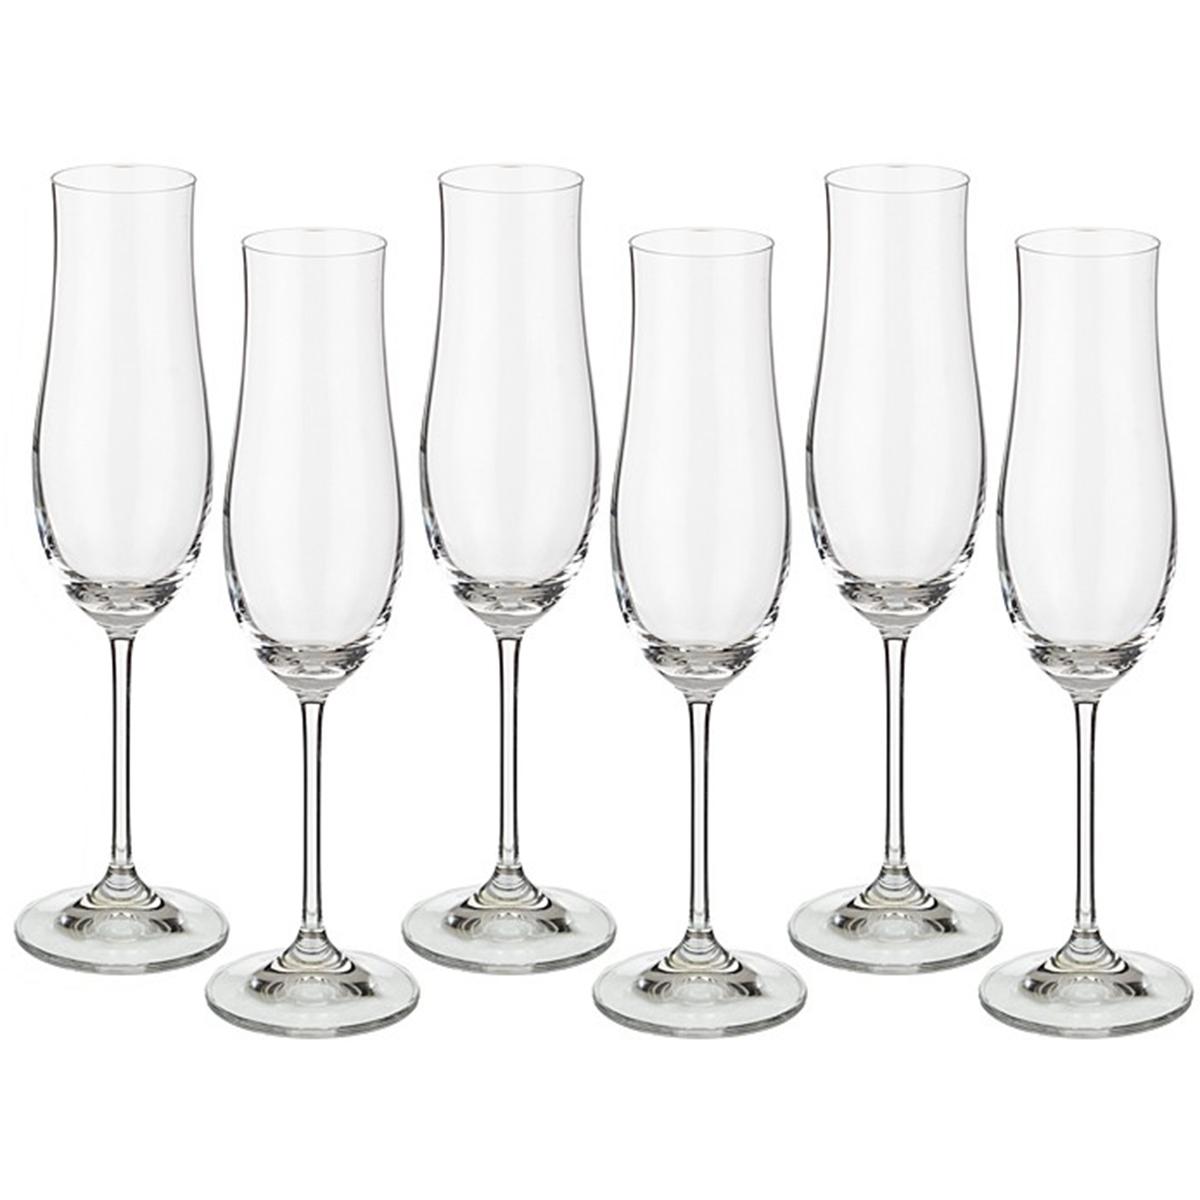 """Набор бокалов для шампанского """"Attimo"""" изготовлен из чешского бесцветного стекла, которое по своим качества не уступает хрусталю, без декора, чаша бокала имеет легкий изгиб. Набор бокалов """"Attimo"""" послужит прекрасным подарком для родных и близких. Количество в упаковке 6 шт. Объем бокала 180 мл."""